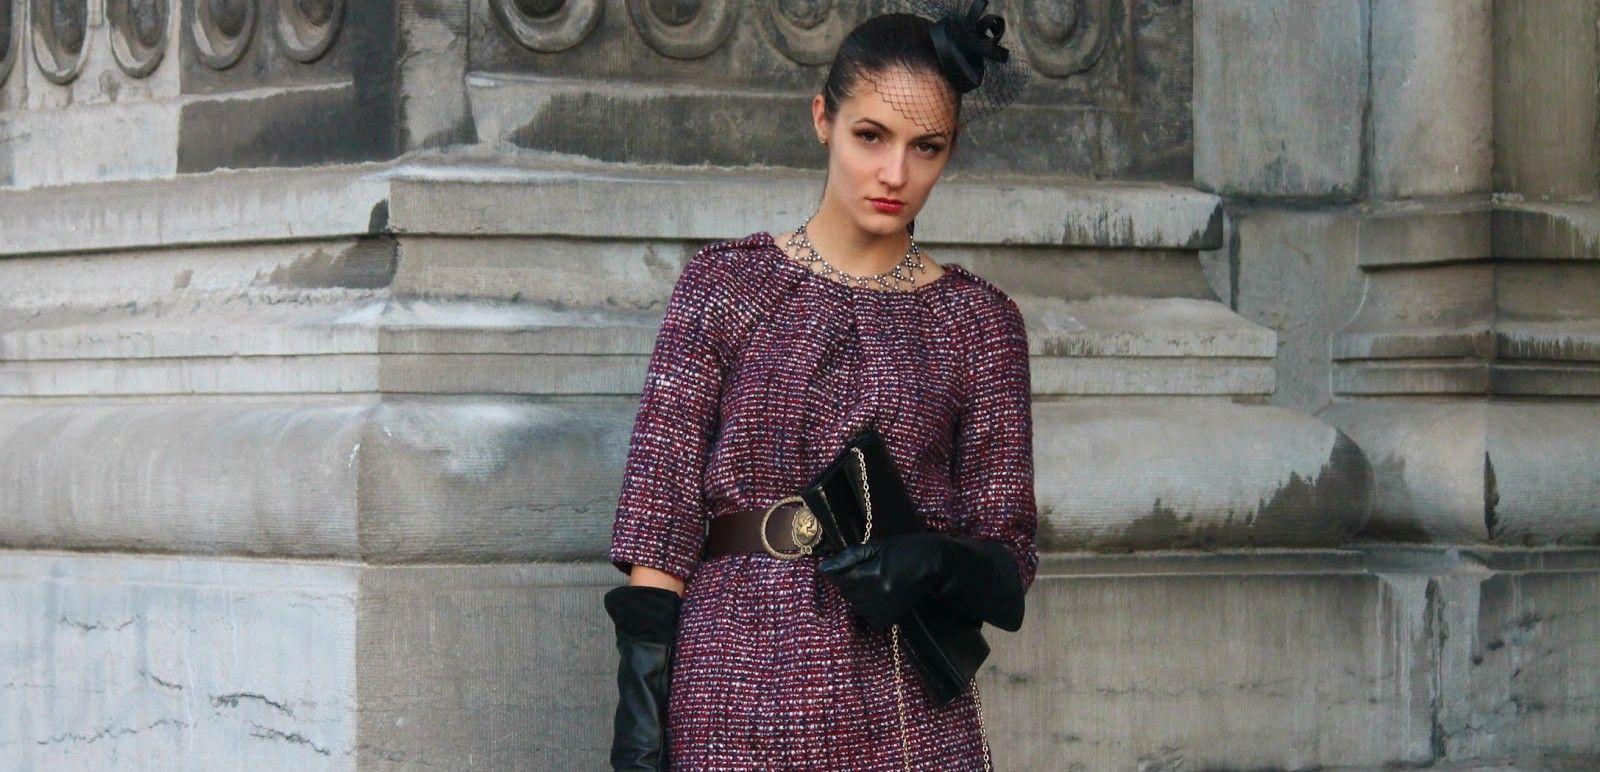 Come indossare la lana bouclè